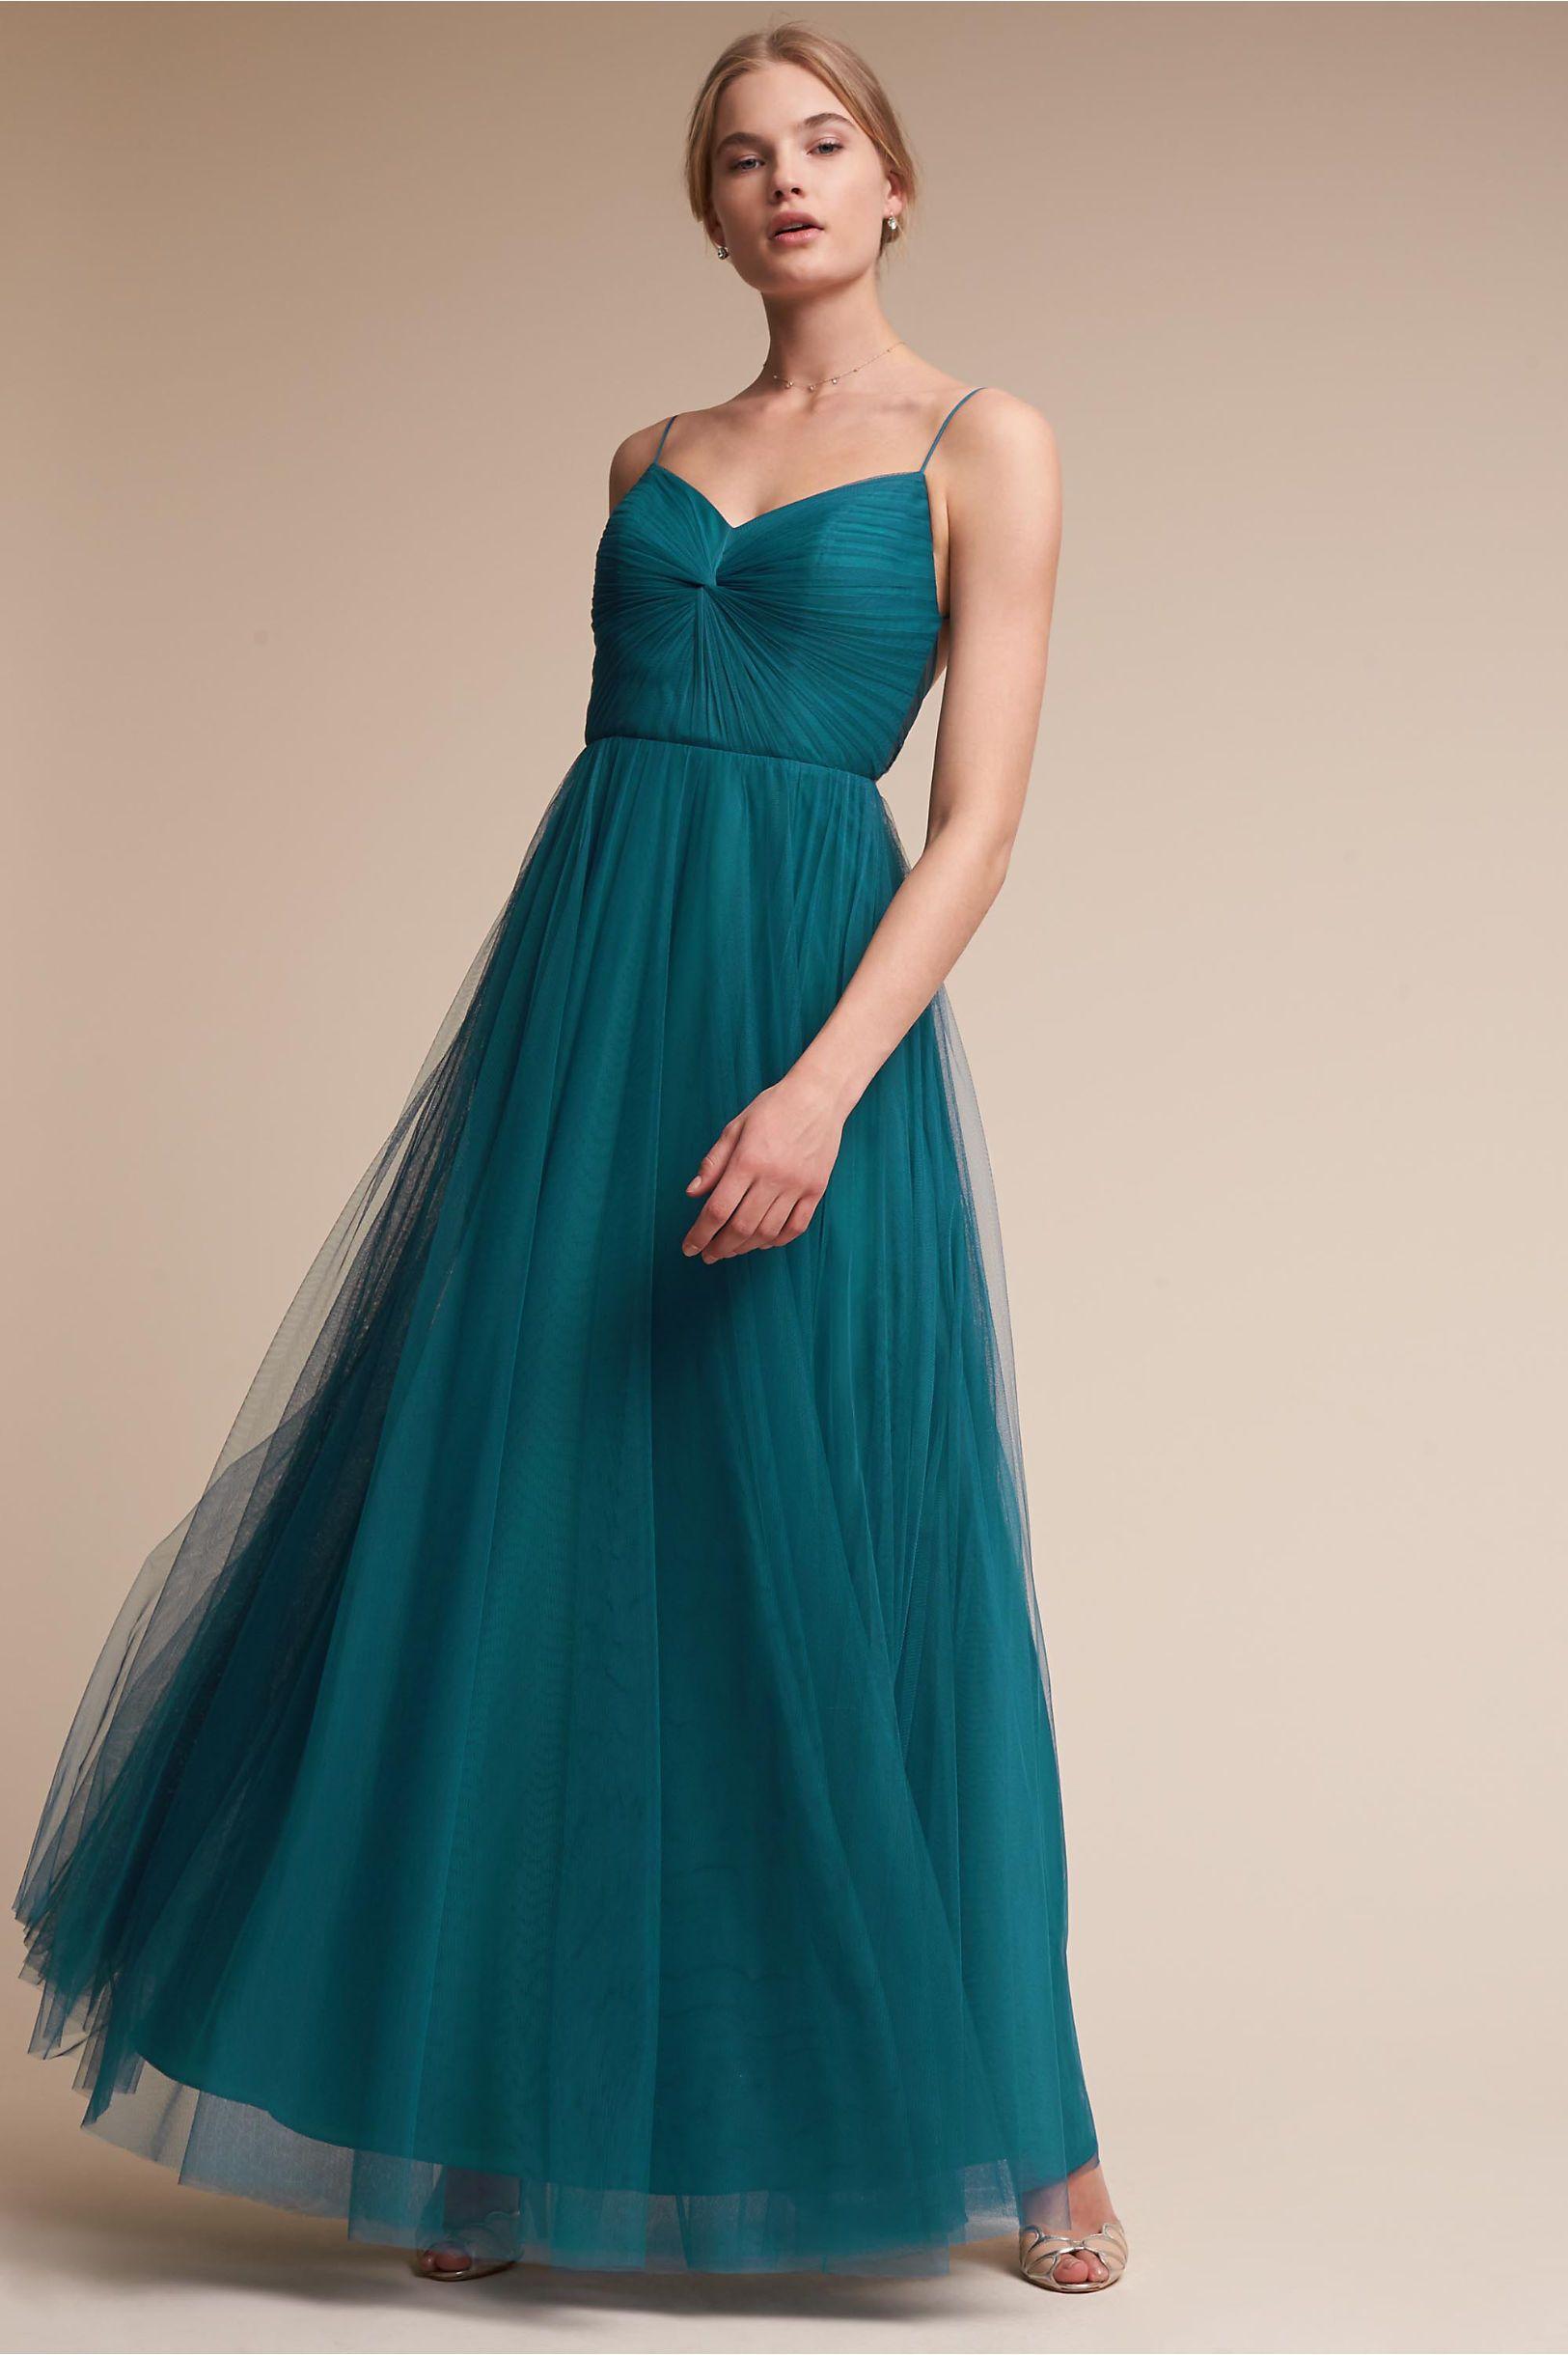 Teal Bridesmaid Dress Sale